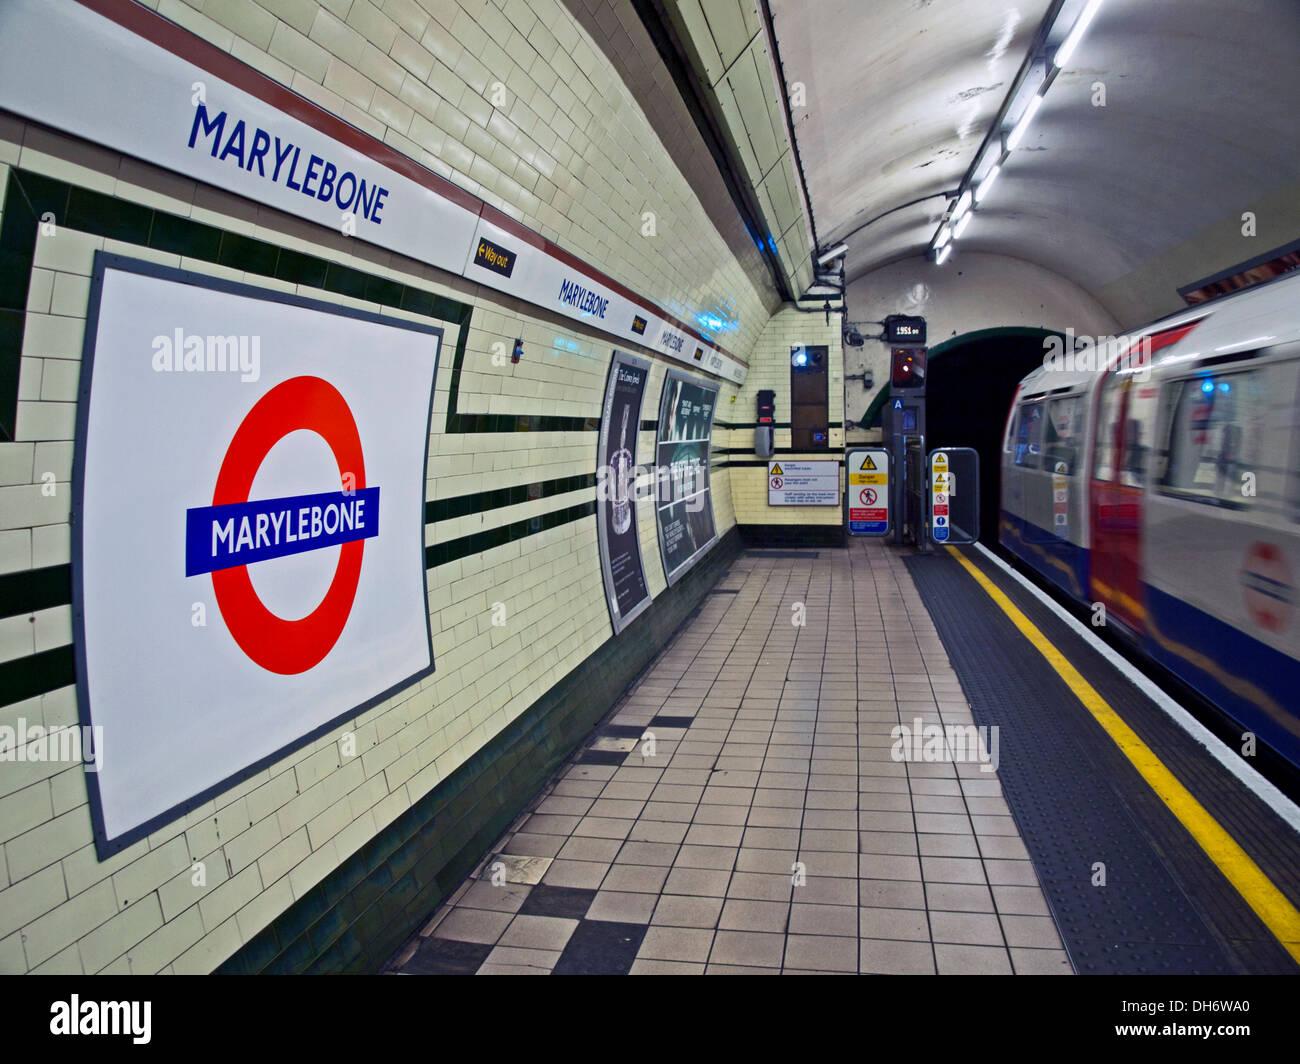 Bakerloo Line platform at Marylebone Underground Station, London, England, United Kingdom - Stock Image